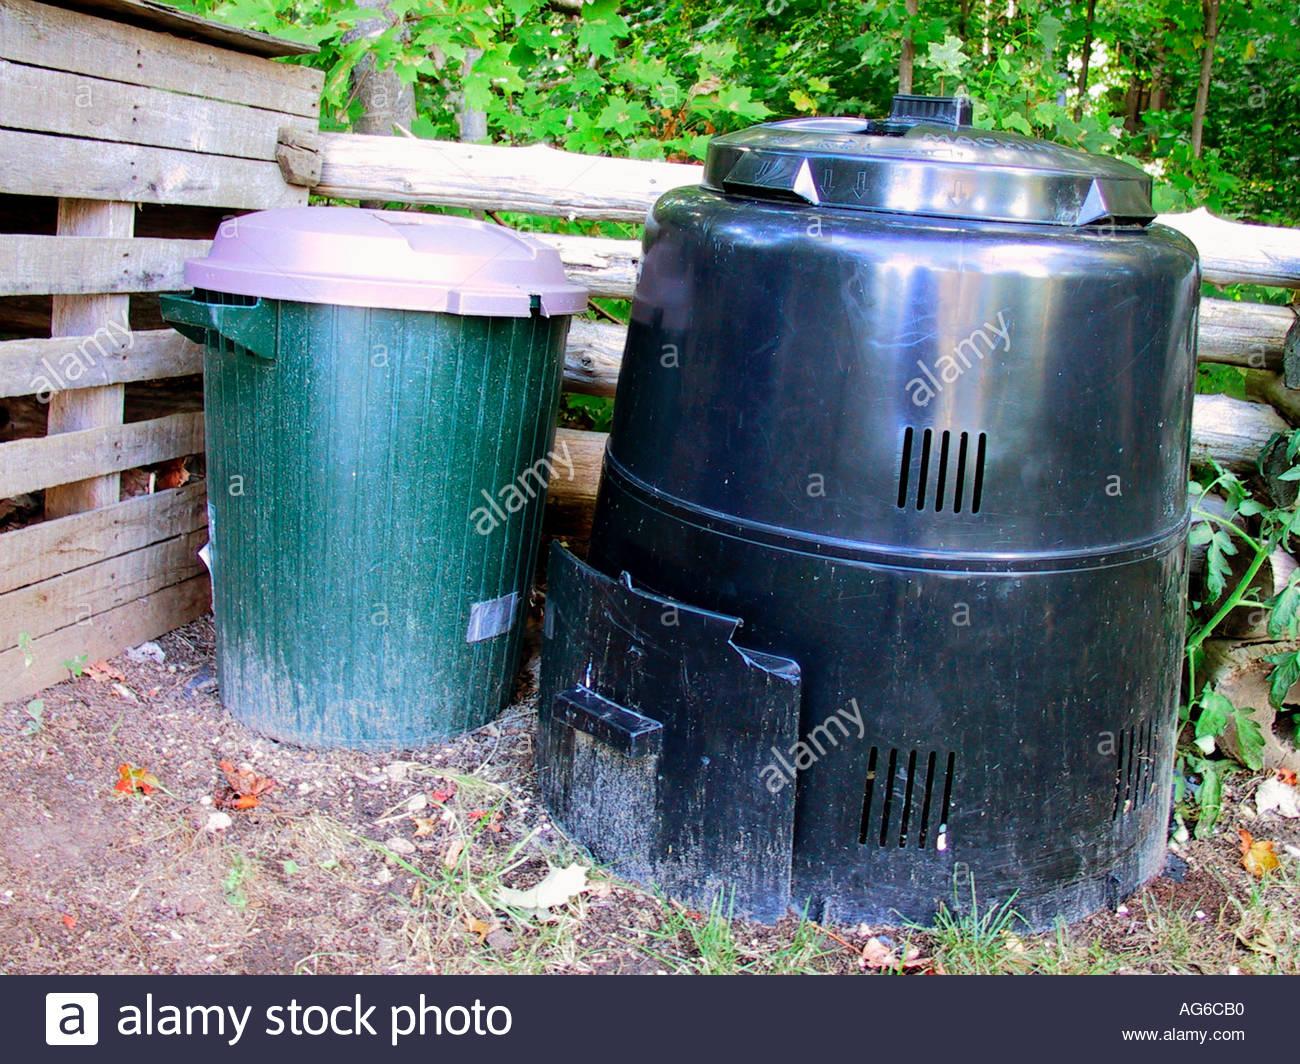 Garden Kitchen Materials Composter Recycling Stock Photos & Garden ...